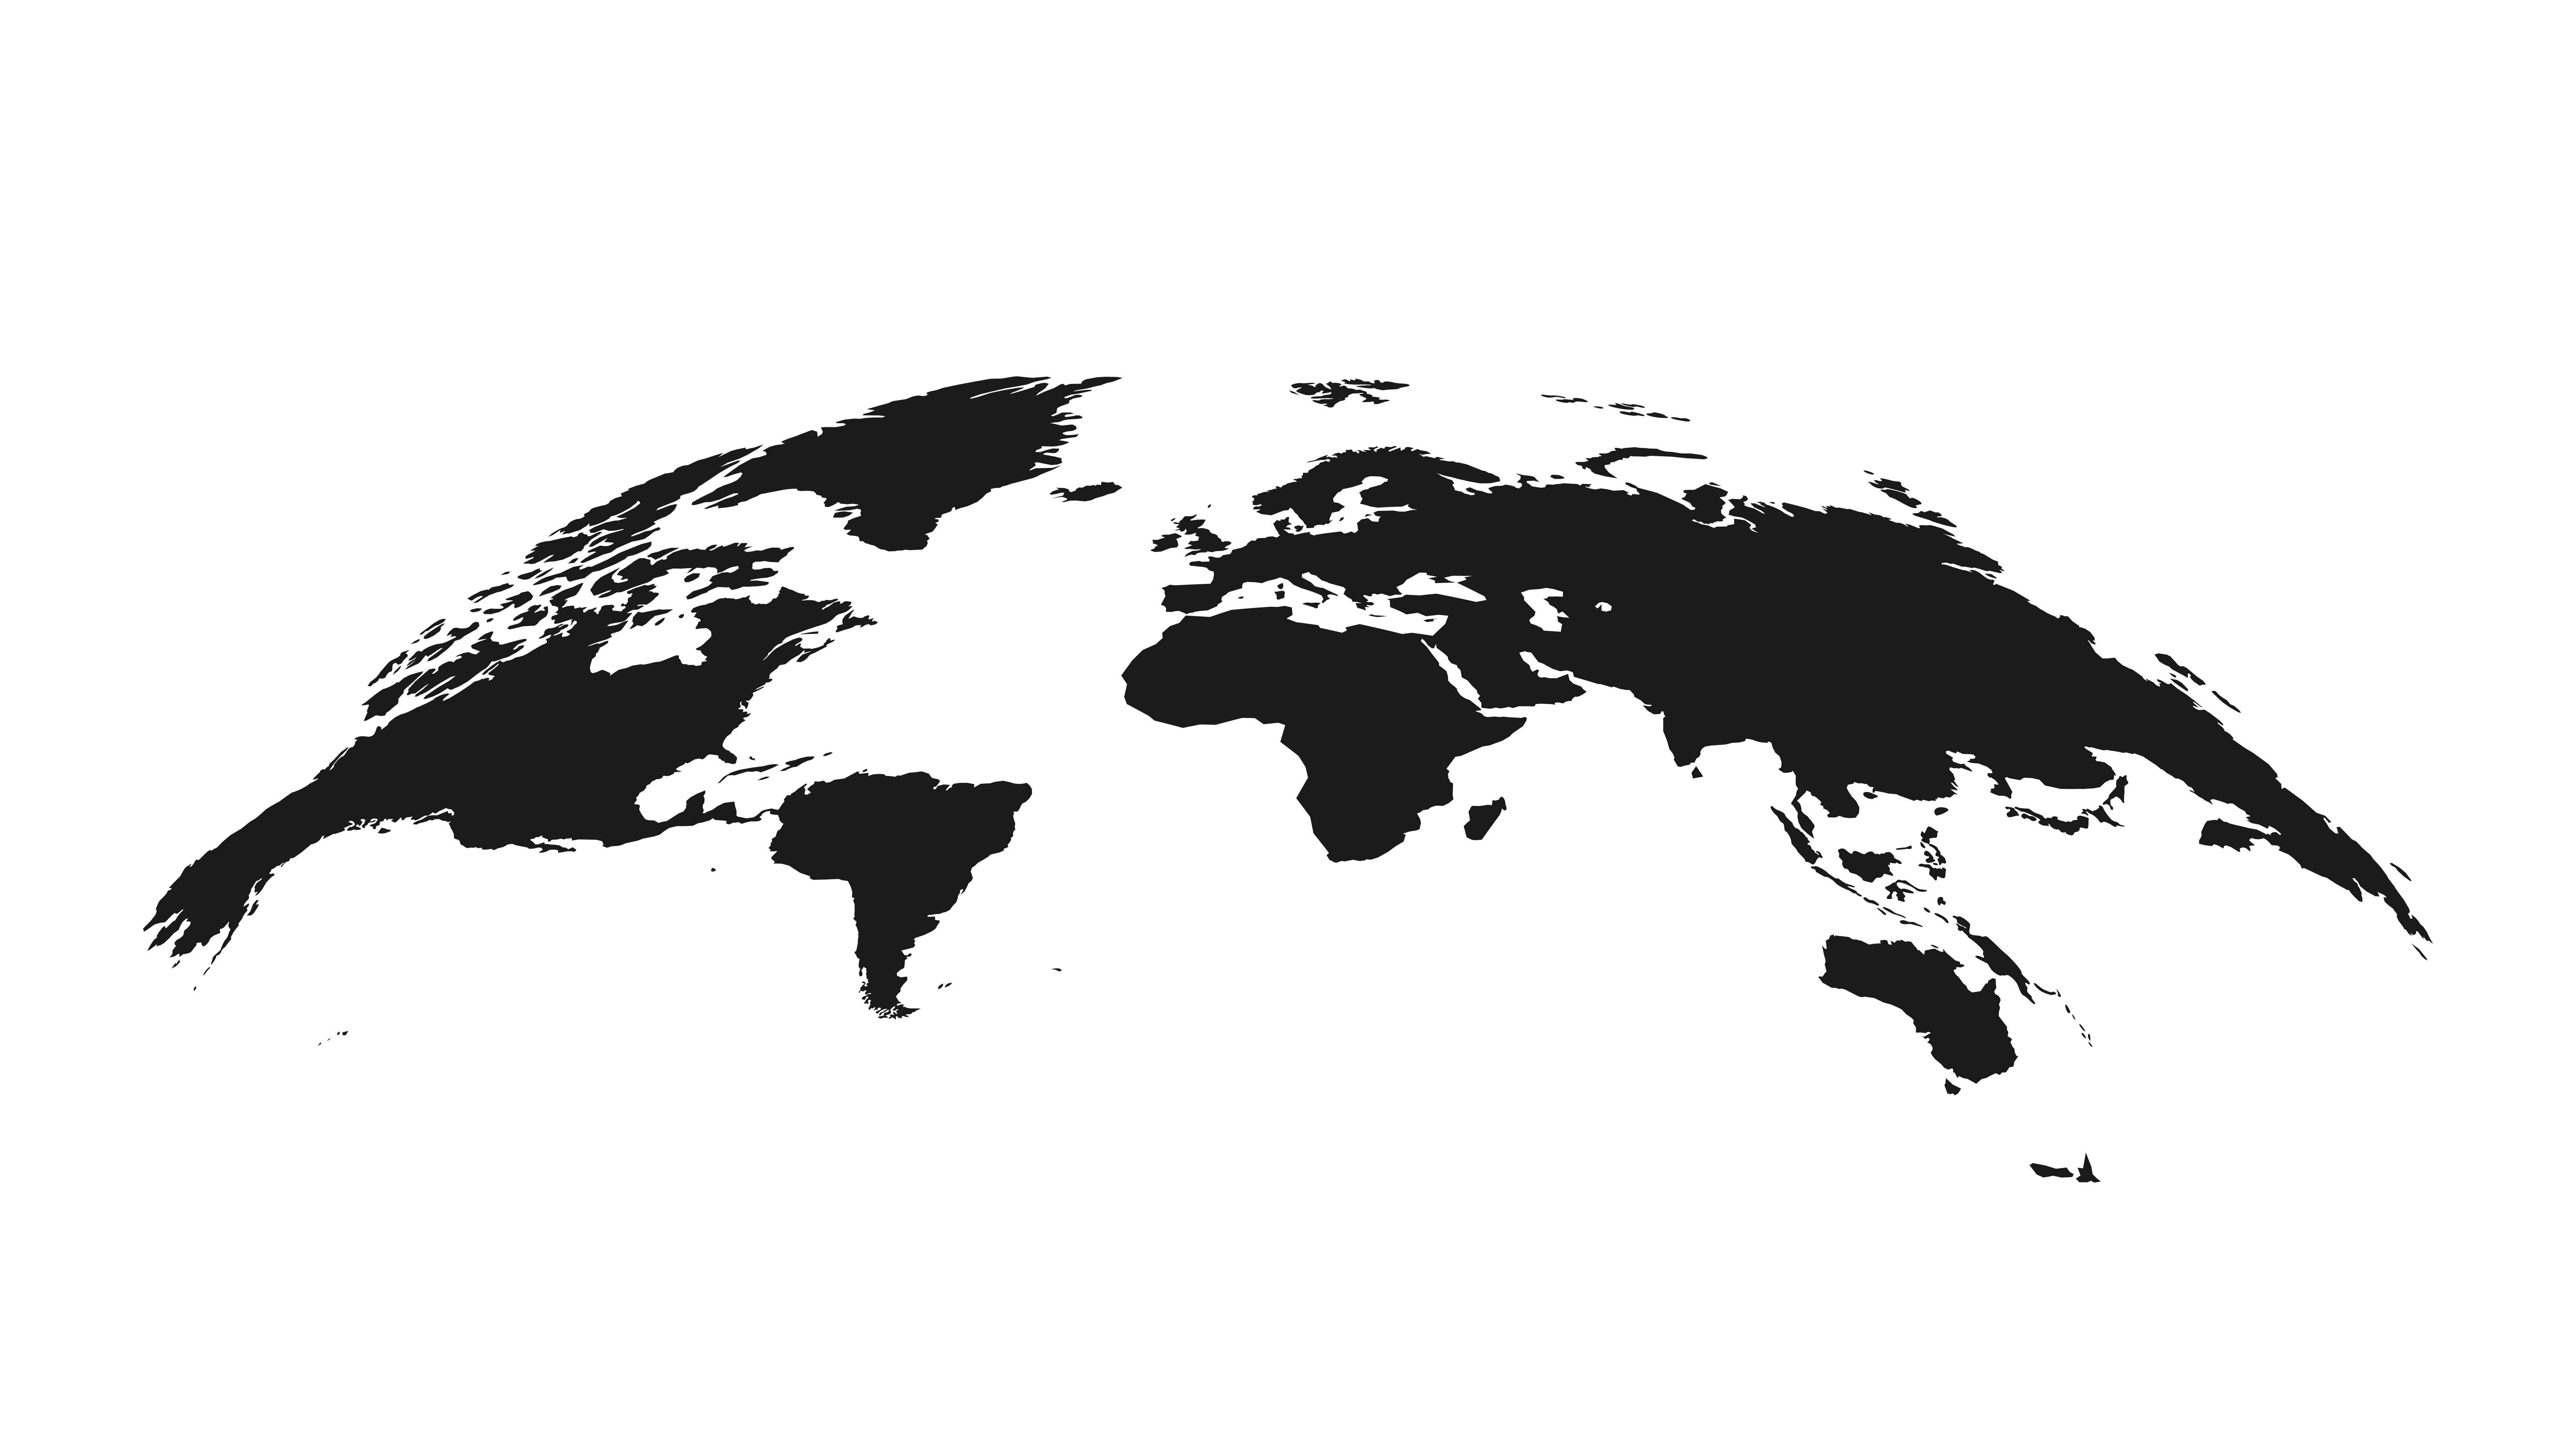 Governance della globalizzazione e Stati nazionali: riscopriamo i valori universali di umanità e senso